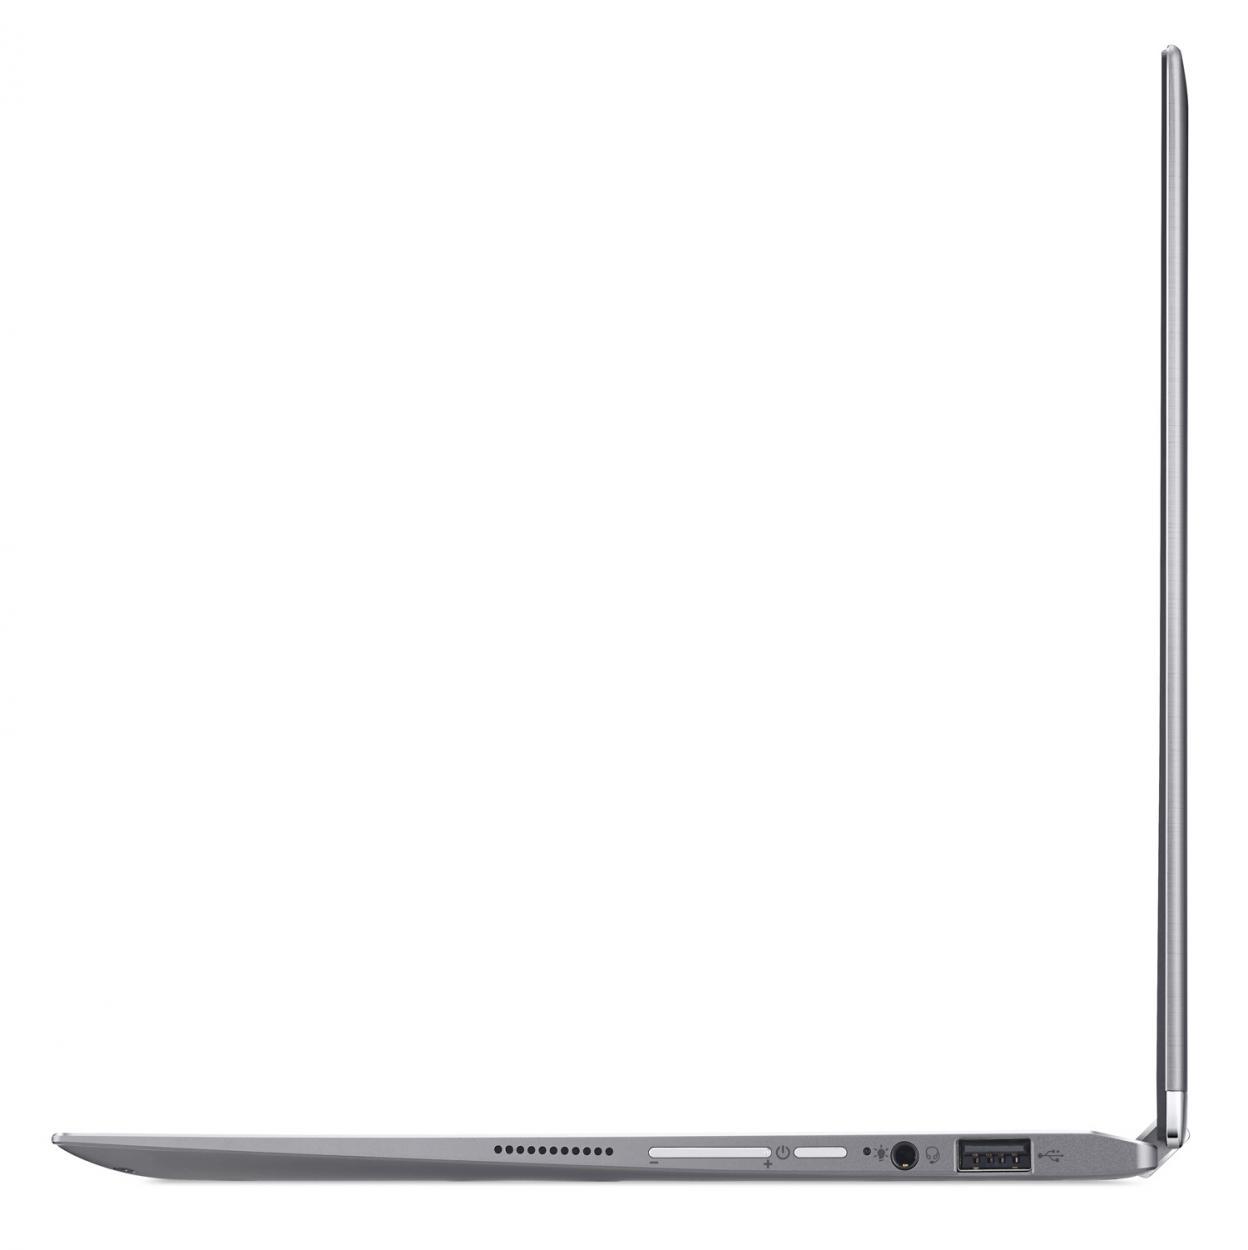 Ordinateur portable Acer Spin 1 SP111-34-P4J9 Gris - Tactile, Stylet - photo 9